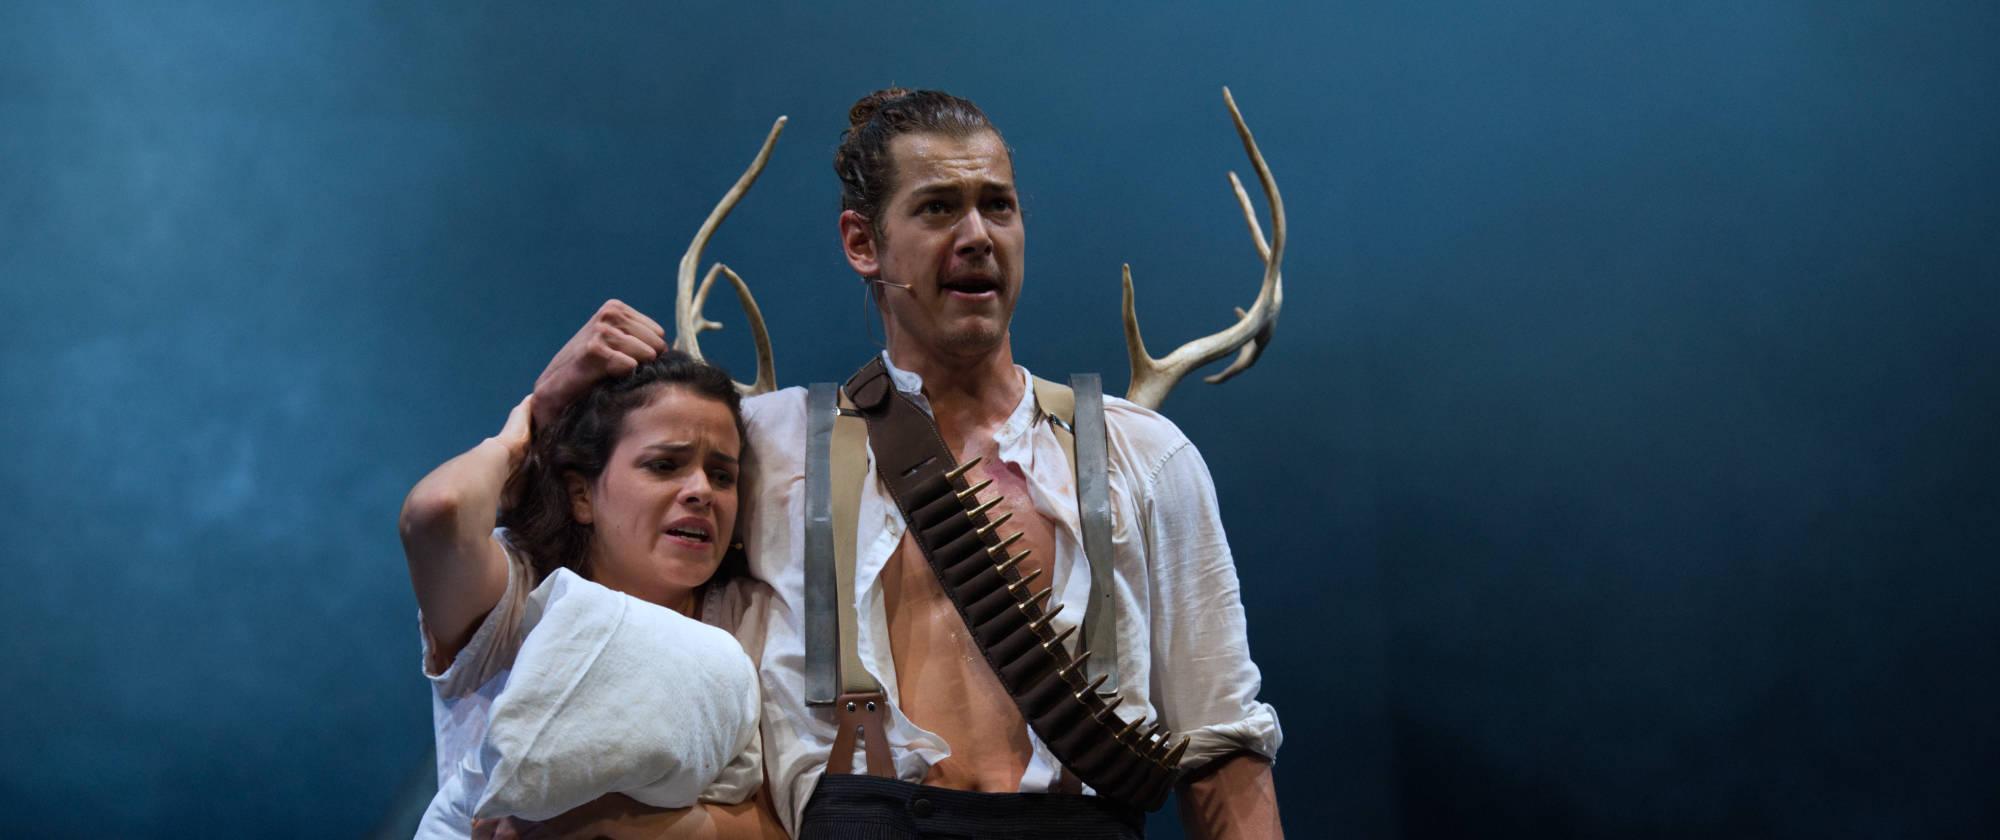 012-BLACK-RIDER-Staatstheater-Cottbus-Regie-und-Buehne-Malte-Kreutzfeldt-2019-photo-c-Marlies-Kross-2019